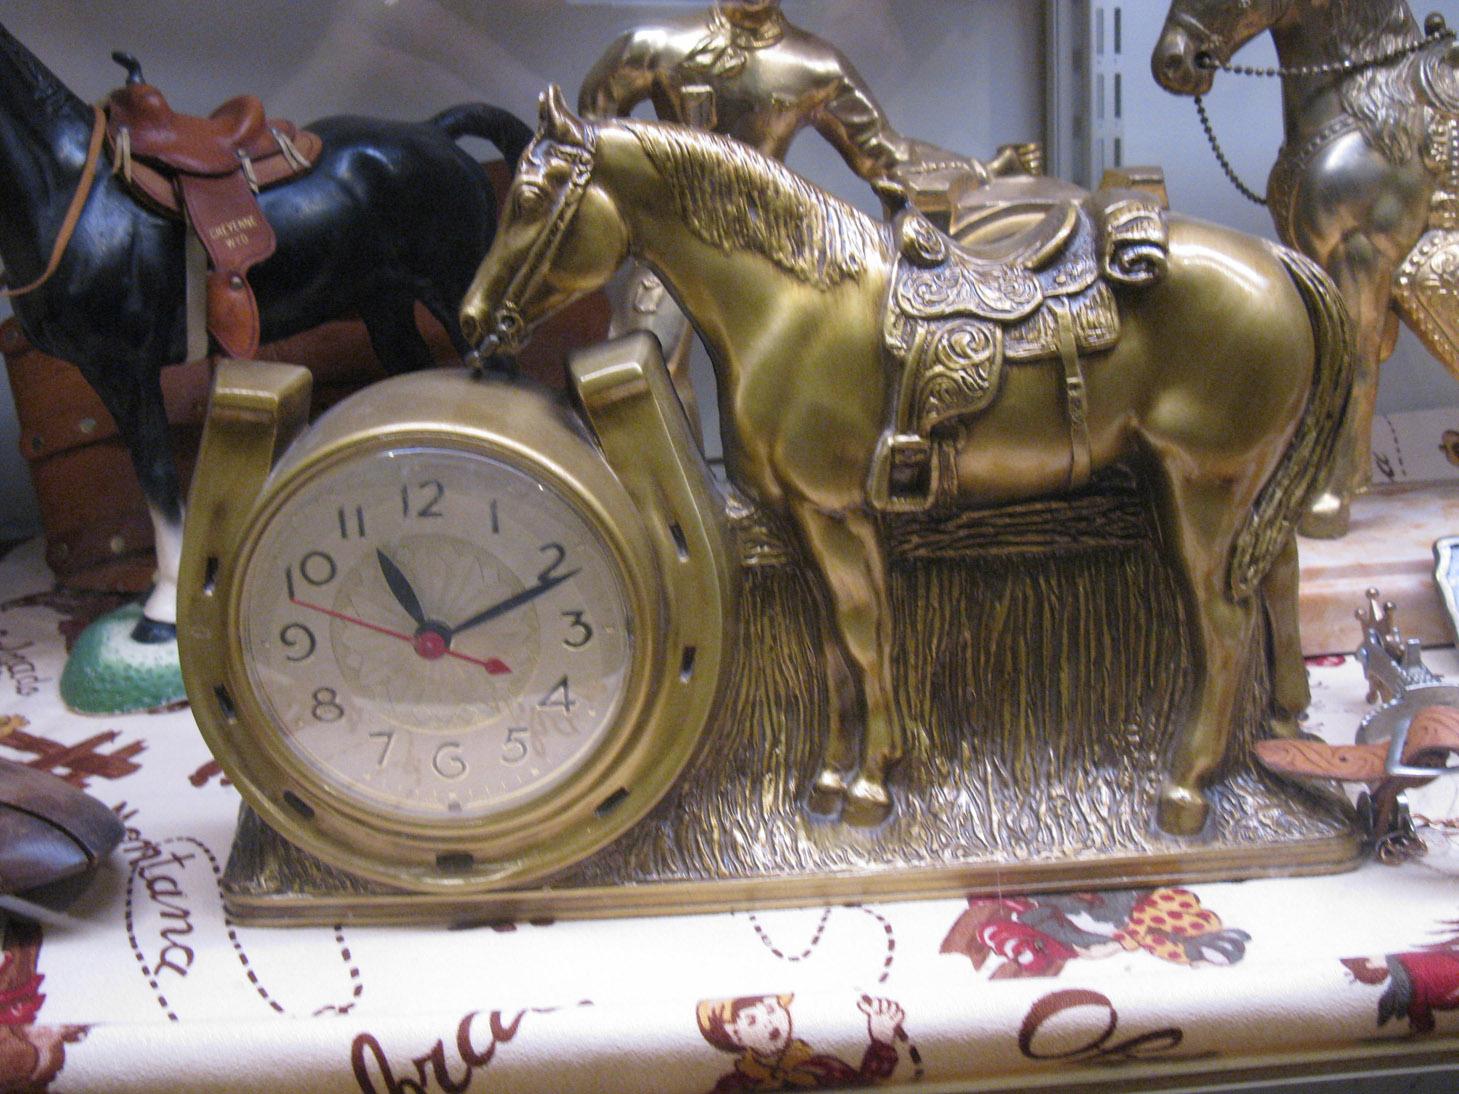 http://4.bp.blogspot.com/-PHdjYDrCsqw/TiooZ2RsaRI/AAAAAAAAE1U/5R1IGBeGwRw/s1600/cj-horseclock.jpg